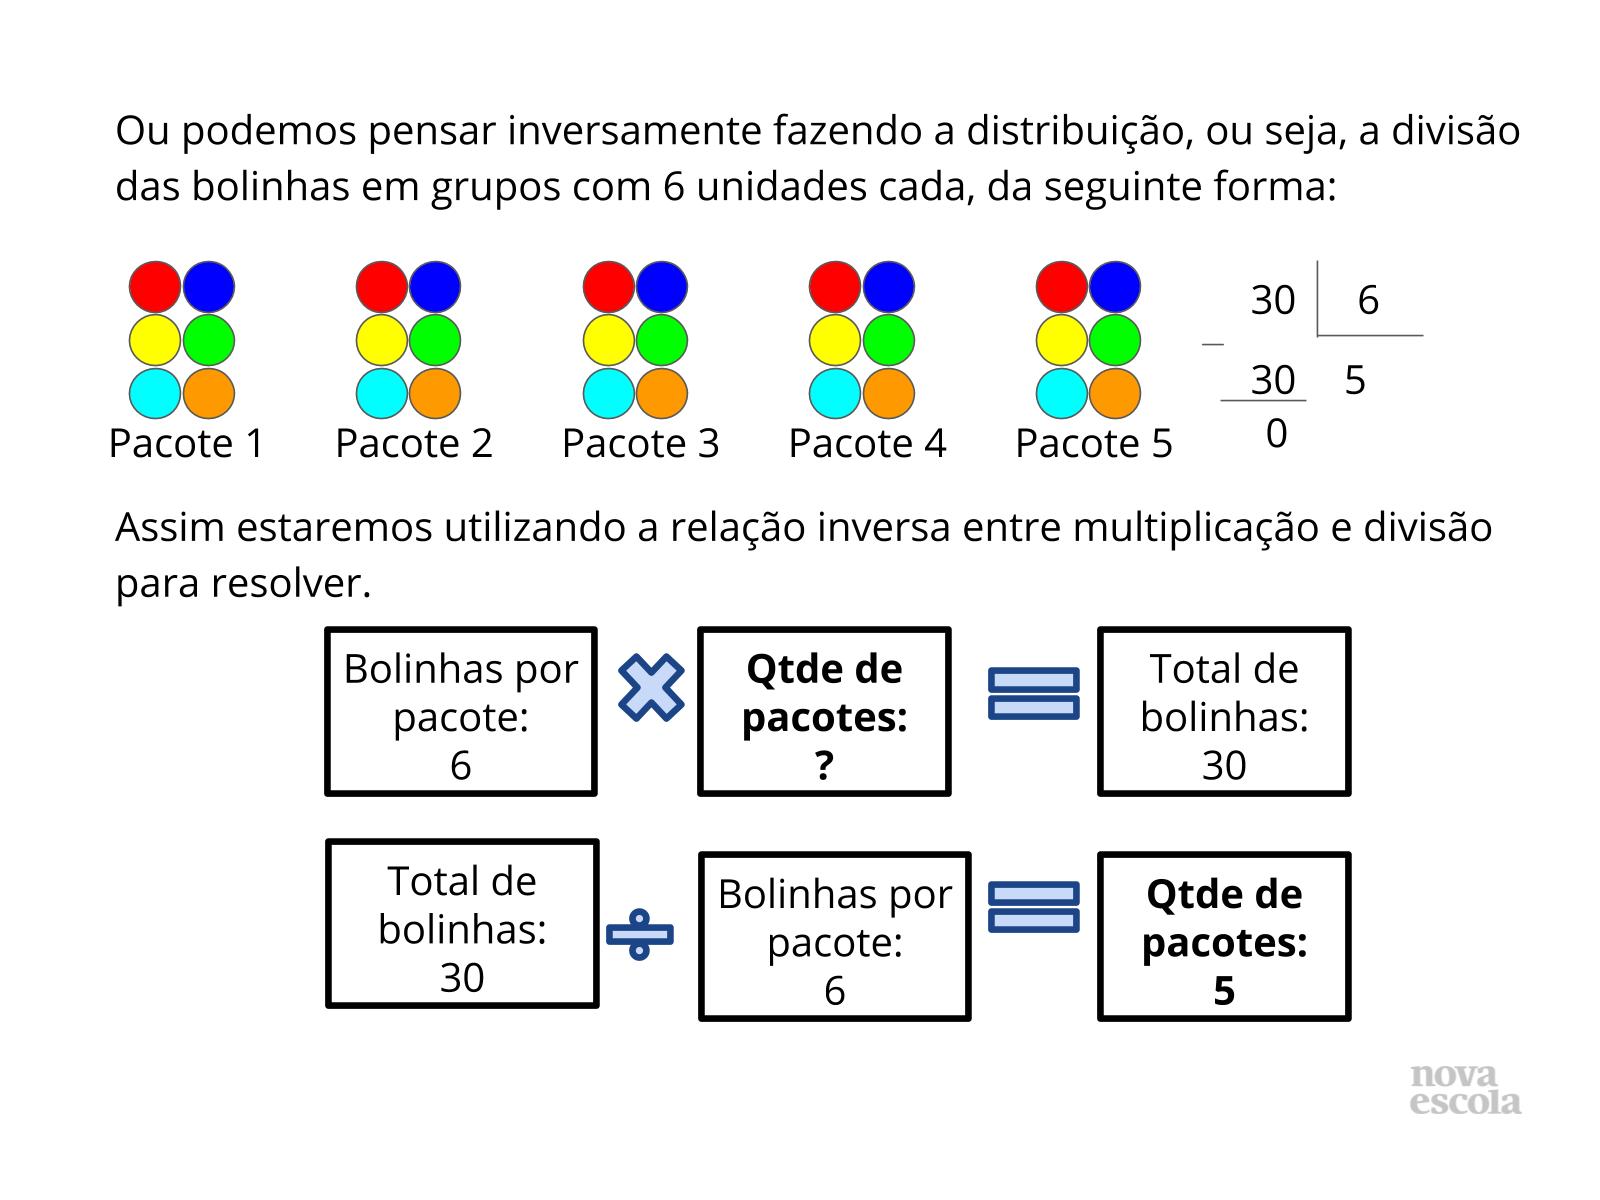 Problematizando com as relações inversas entre multiplicação e divisão com resto zero